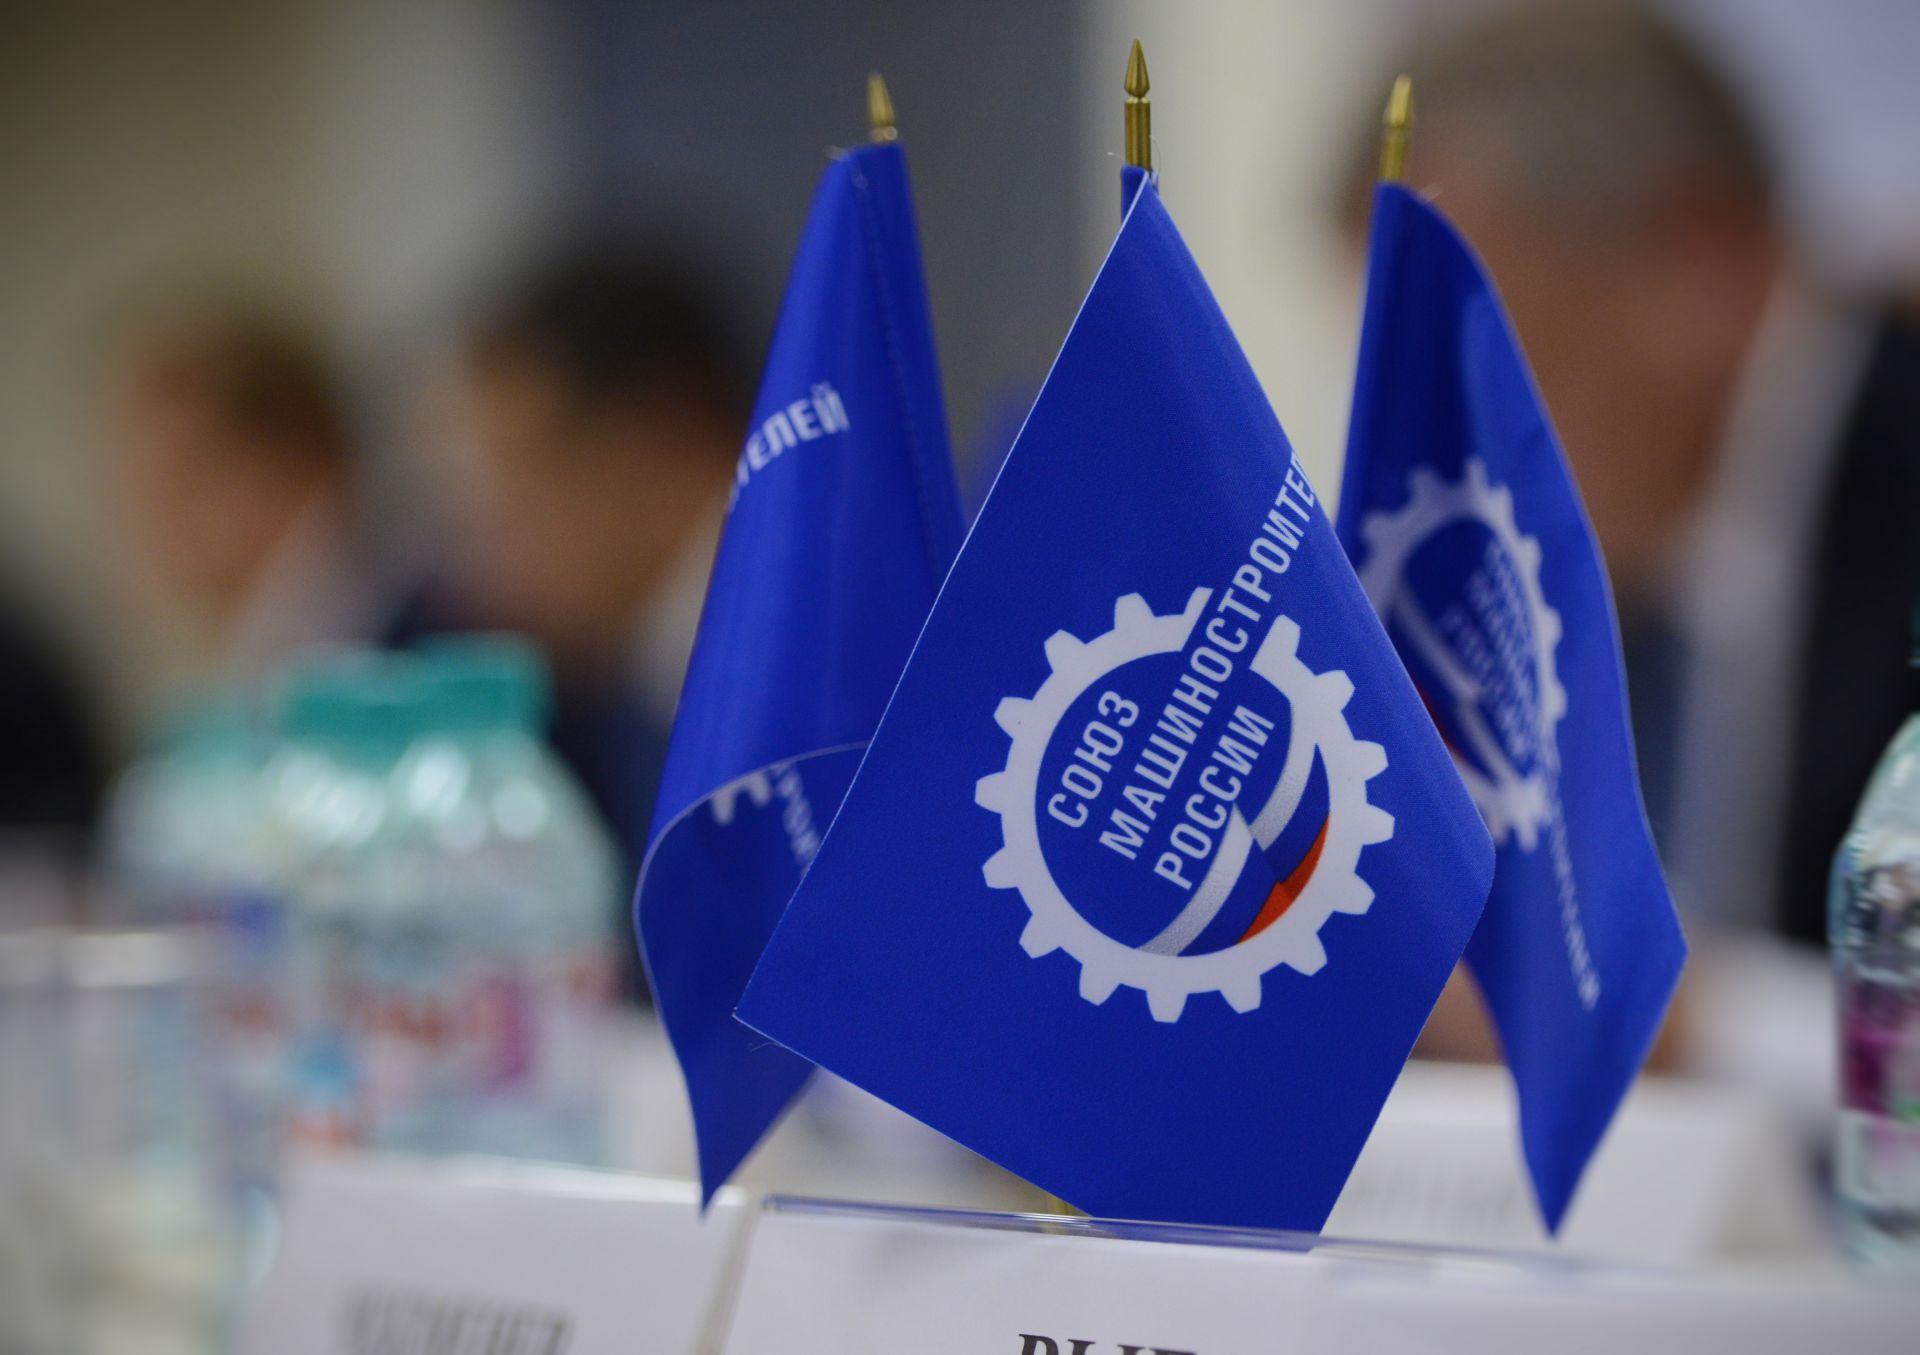 Предприятия донского Союзмаша в авангарде профсоюзной жизни